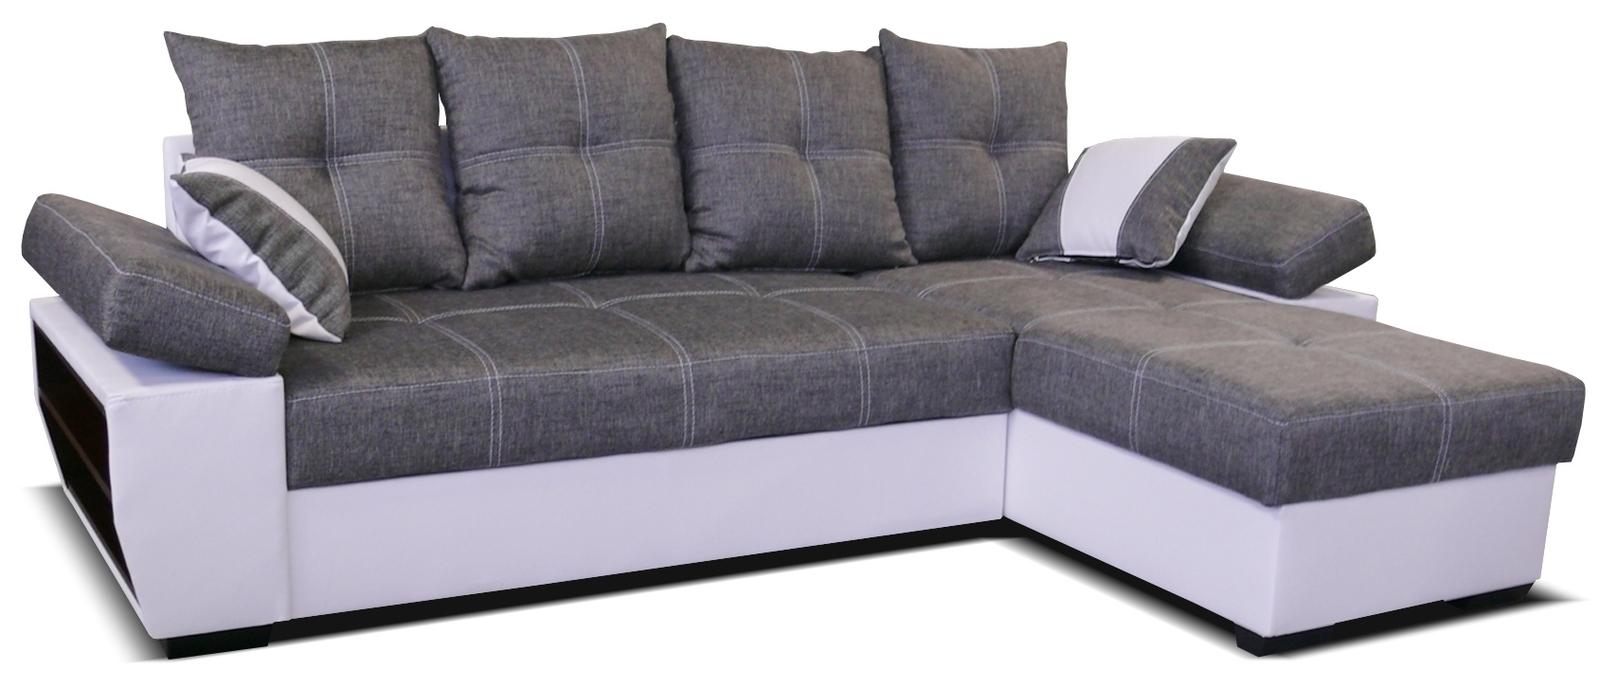 Rohová sedací souprava - Po-Sed - Viena 2F+L (P) bílá + šedá